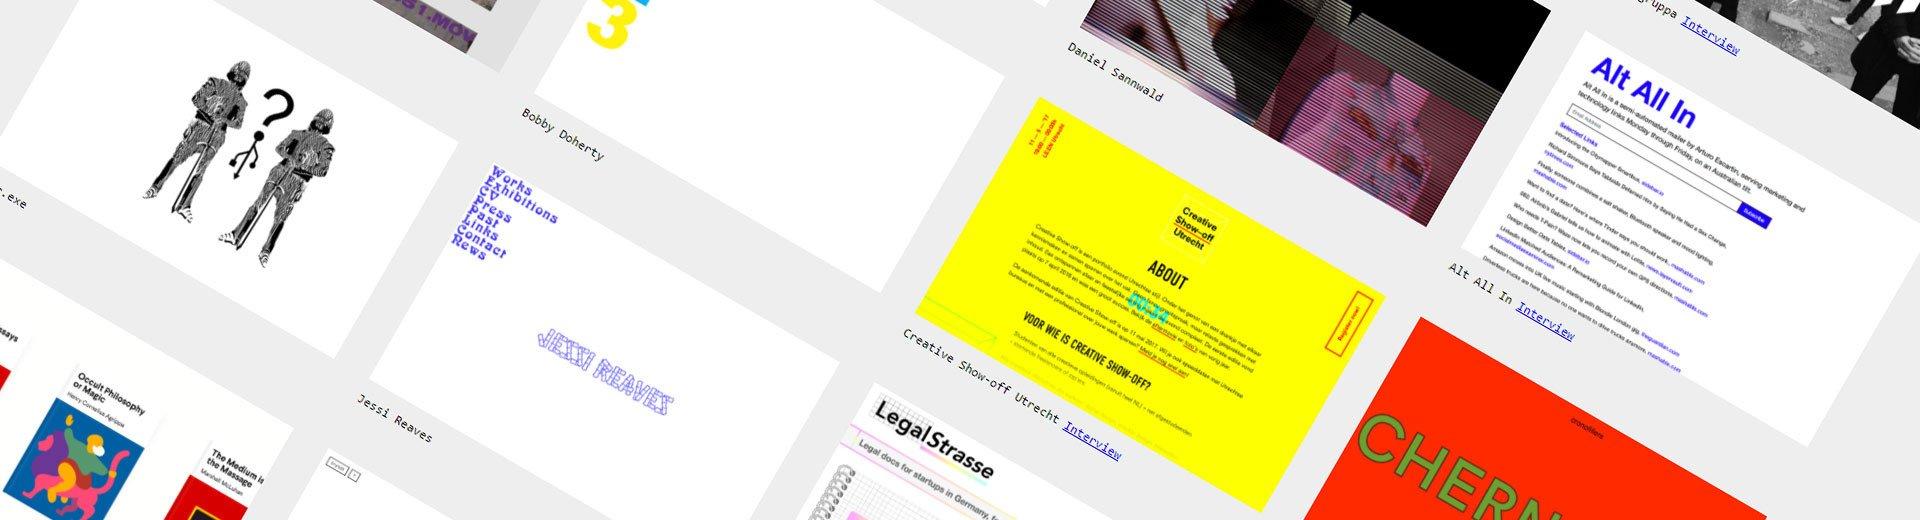 Okładka artykułu Brutalizm w projektowaniu stron internetowych — Skąd się wziął i jak go stosować?